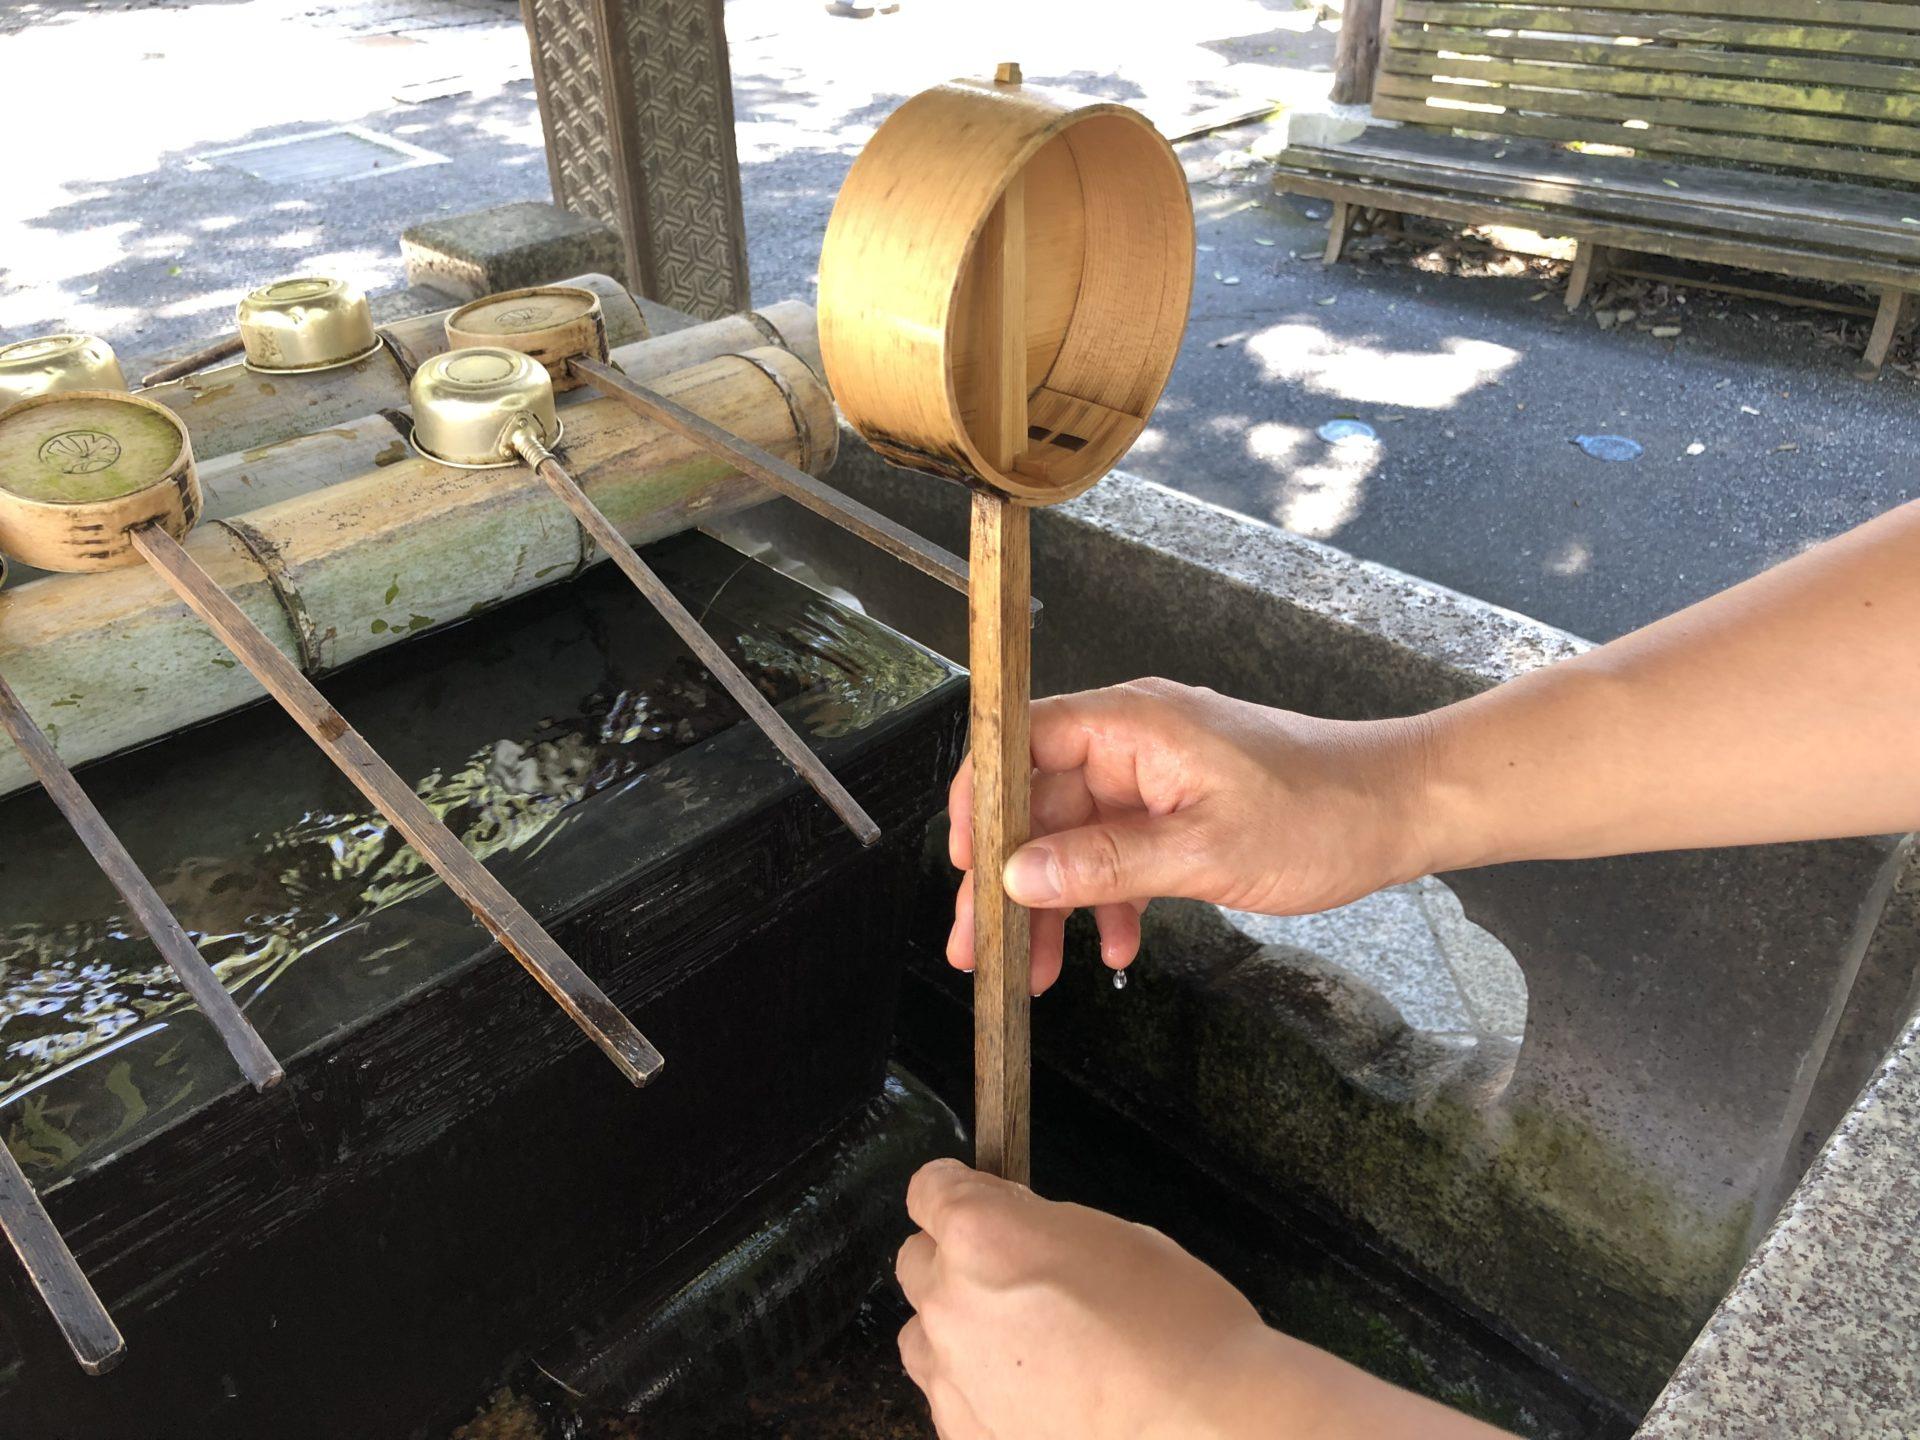 柄杓をたて柄の部分に水を流す